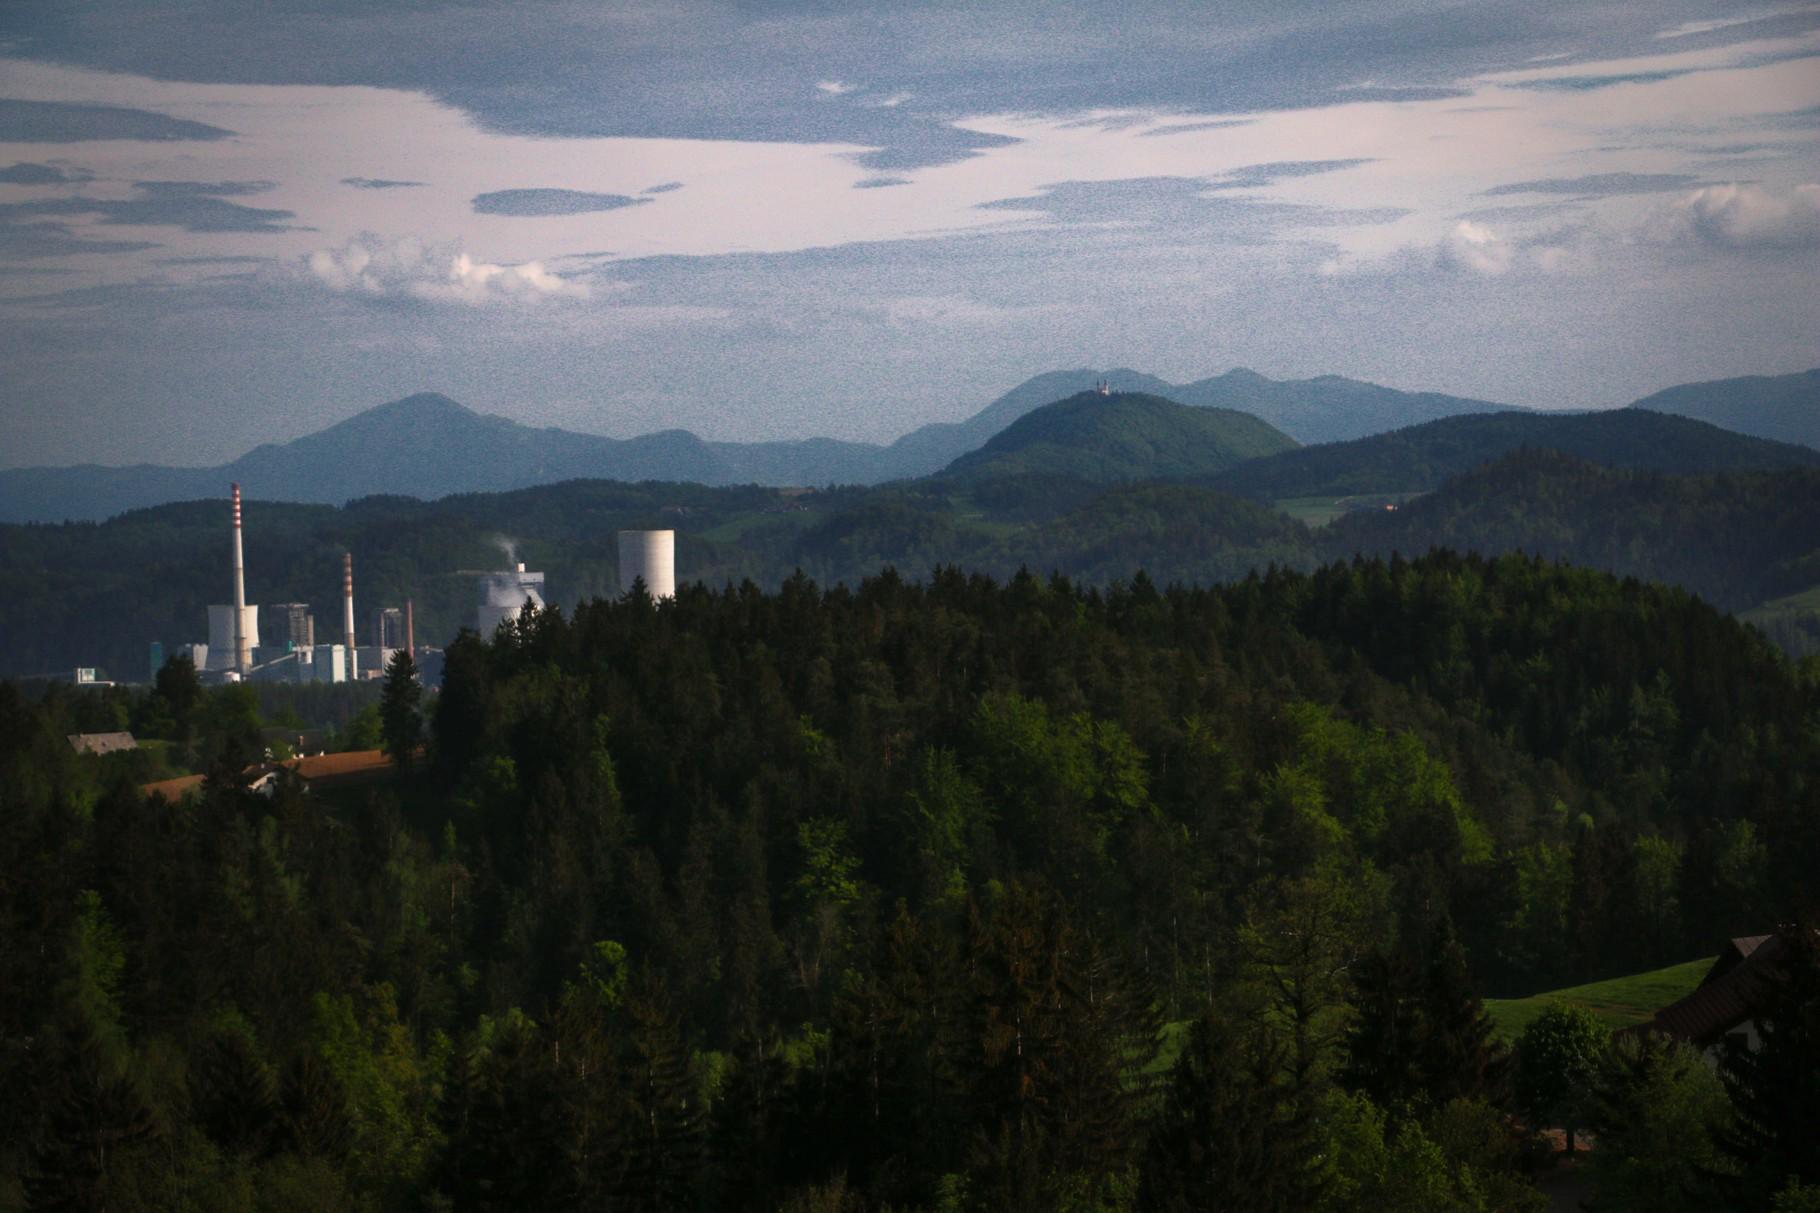 Schönes Panorama mit Kraftwerk